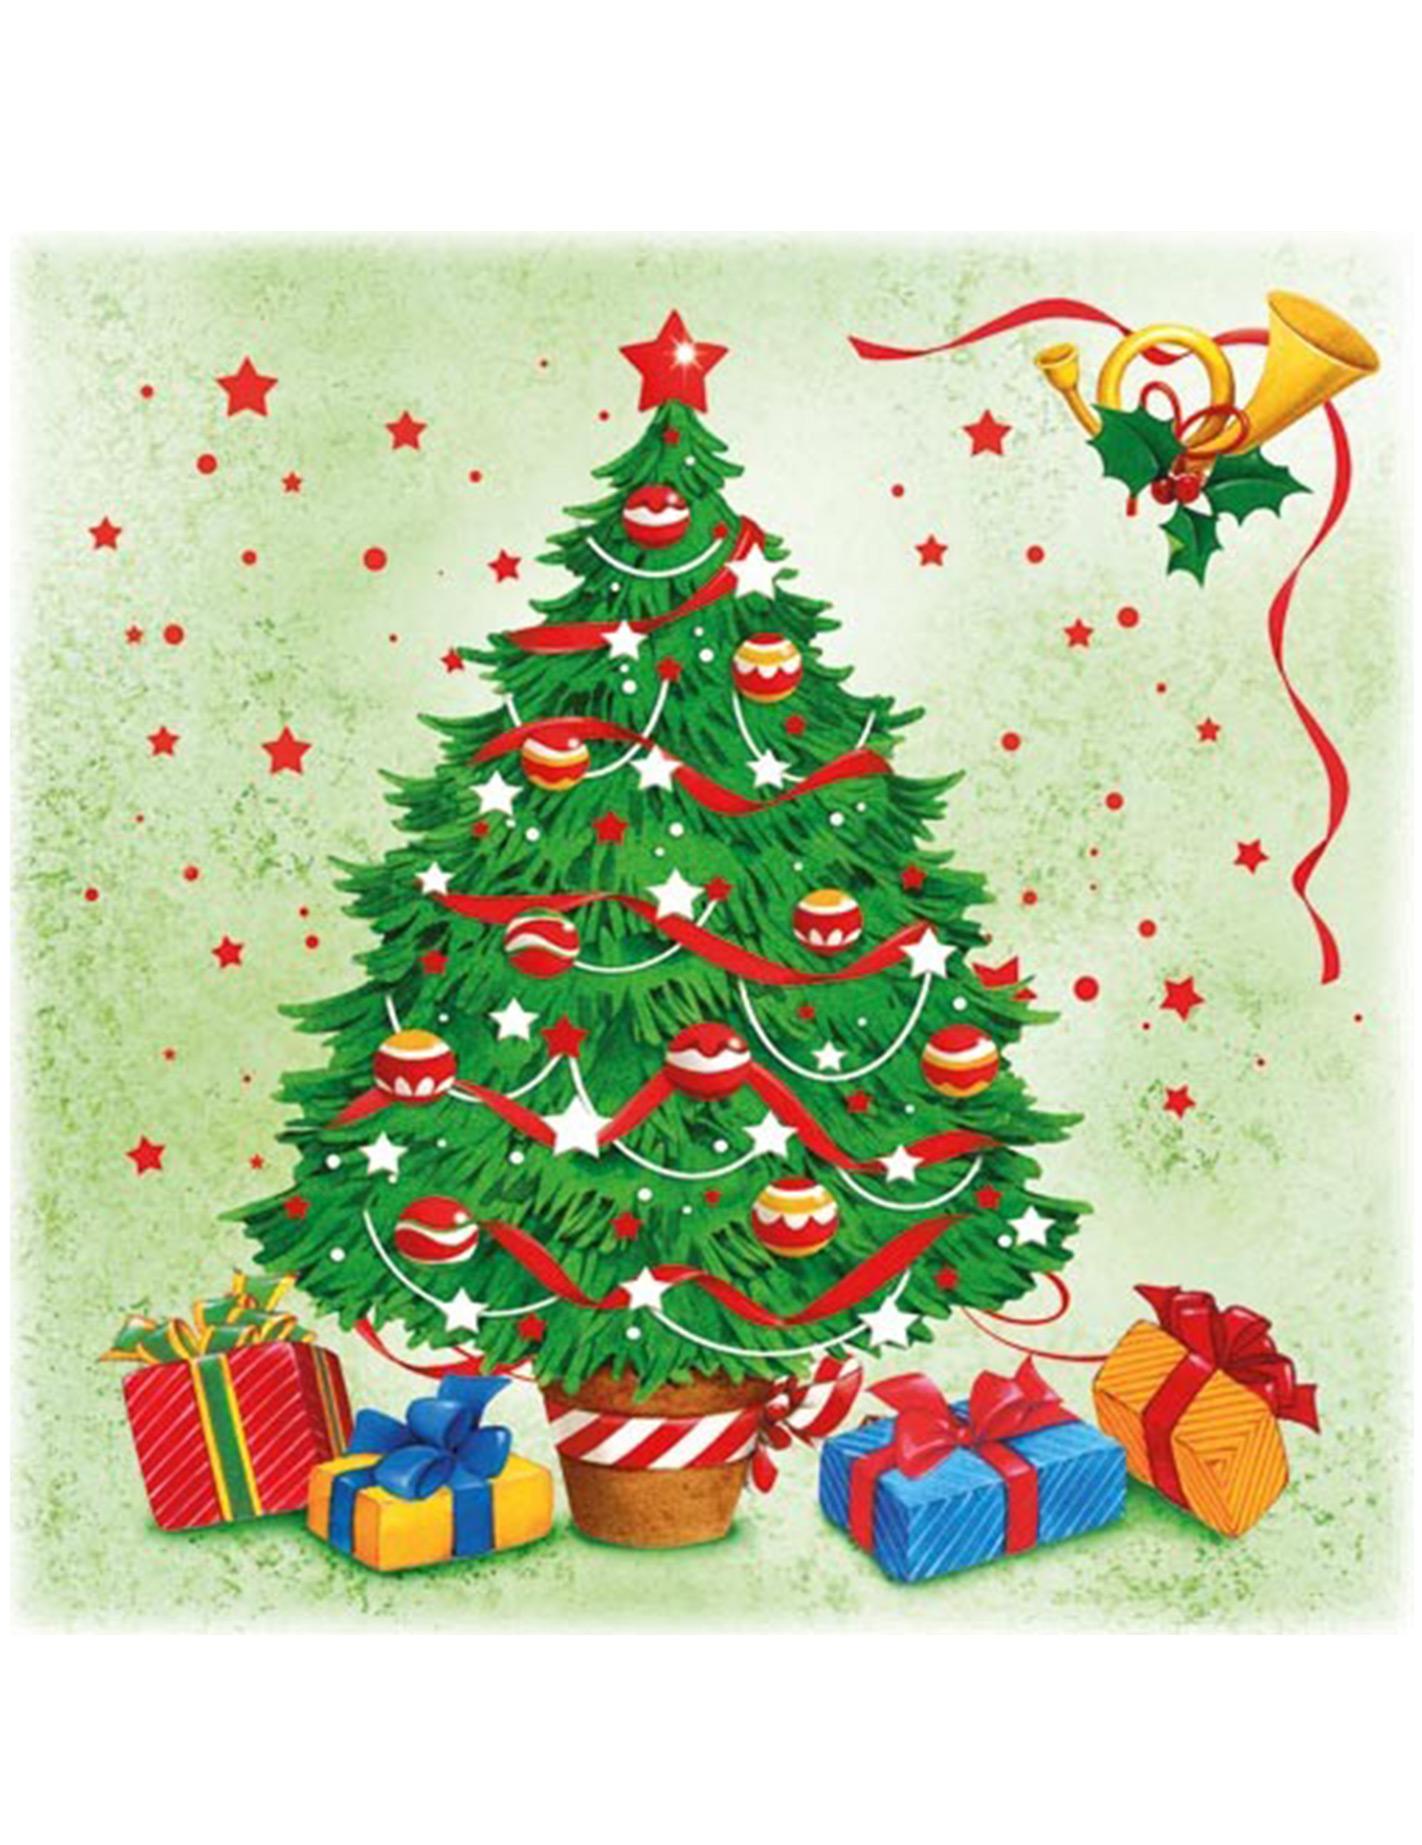 Confezione da 20 tovaglioli di carta christmas tree - Tovaglioli di carta decorati ...